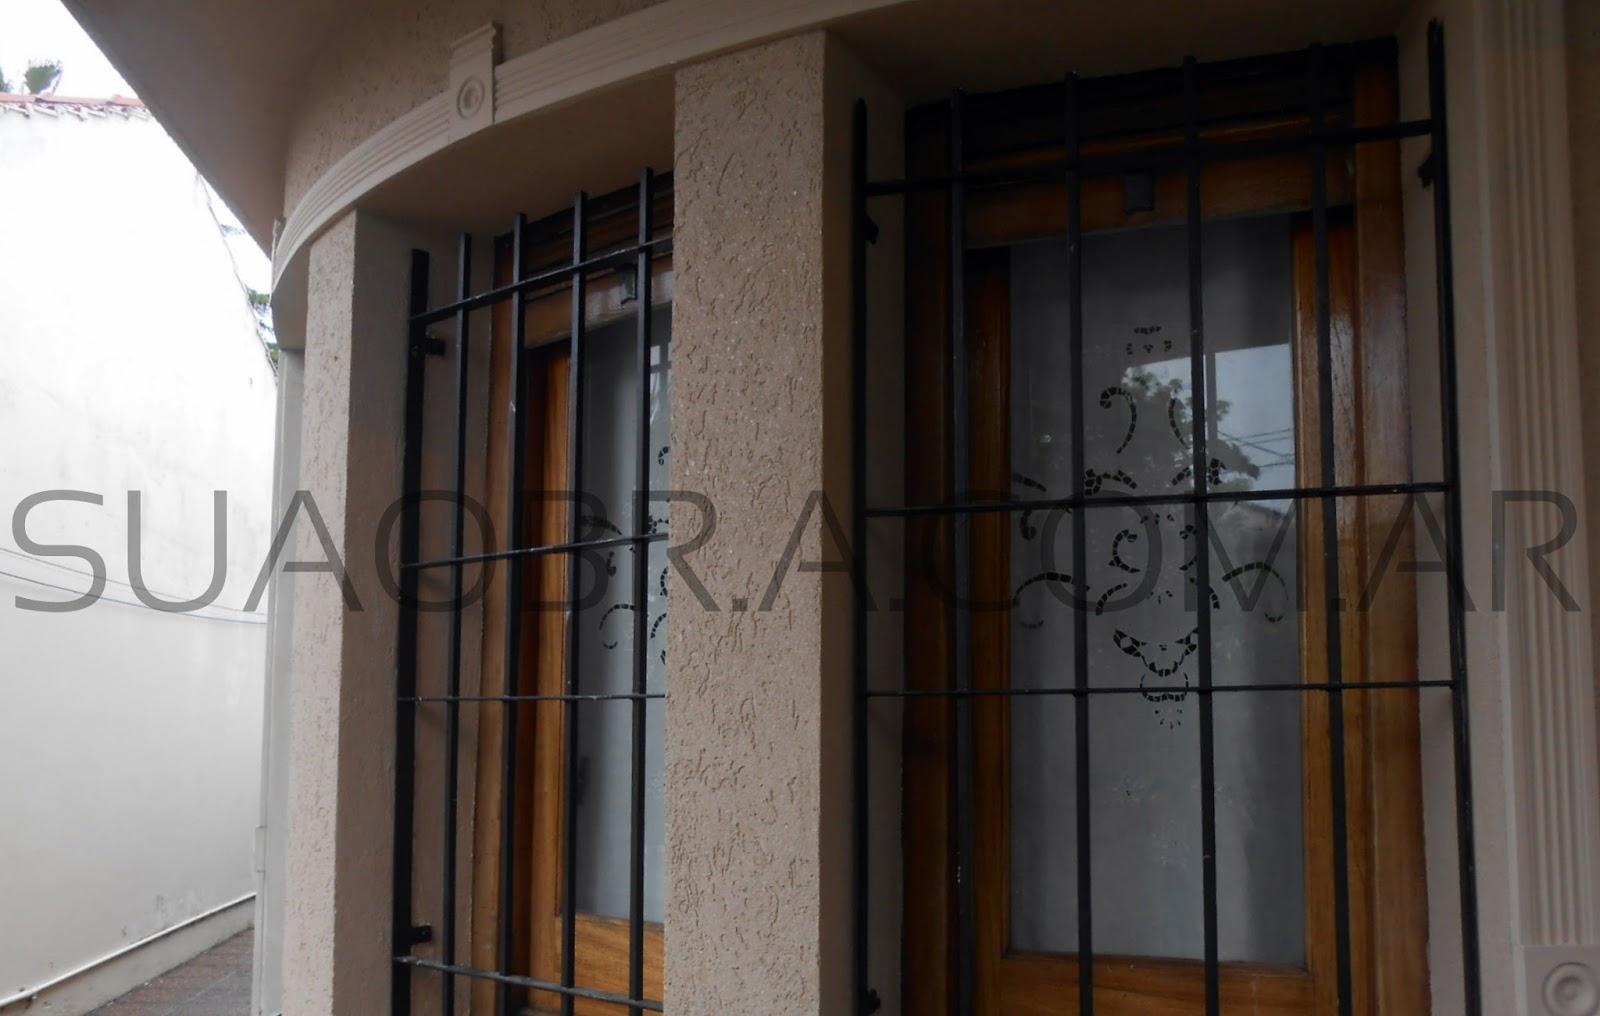 Refacci n de fachada exterior aplicaci n de for Revestimiento plastico para paredes